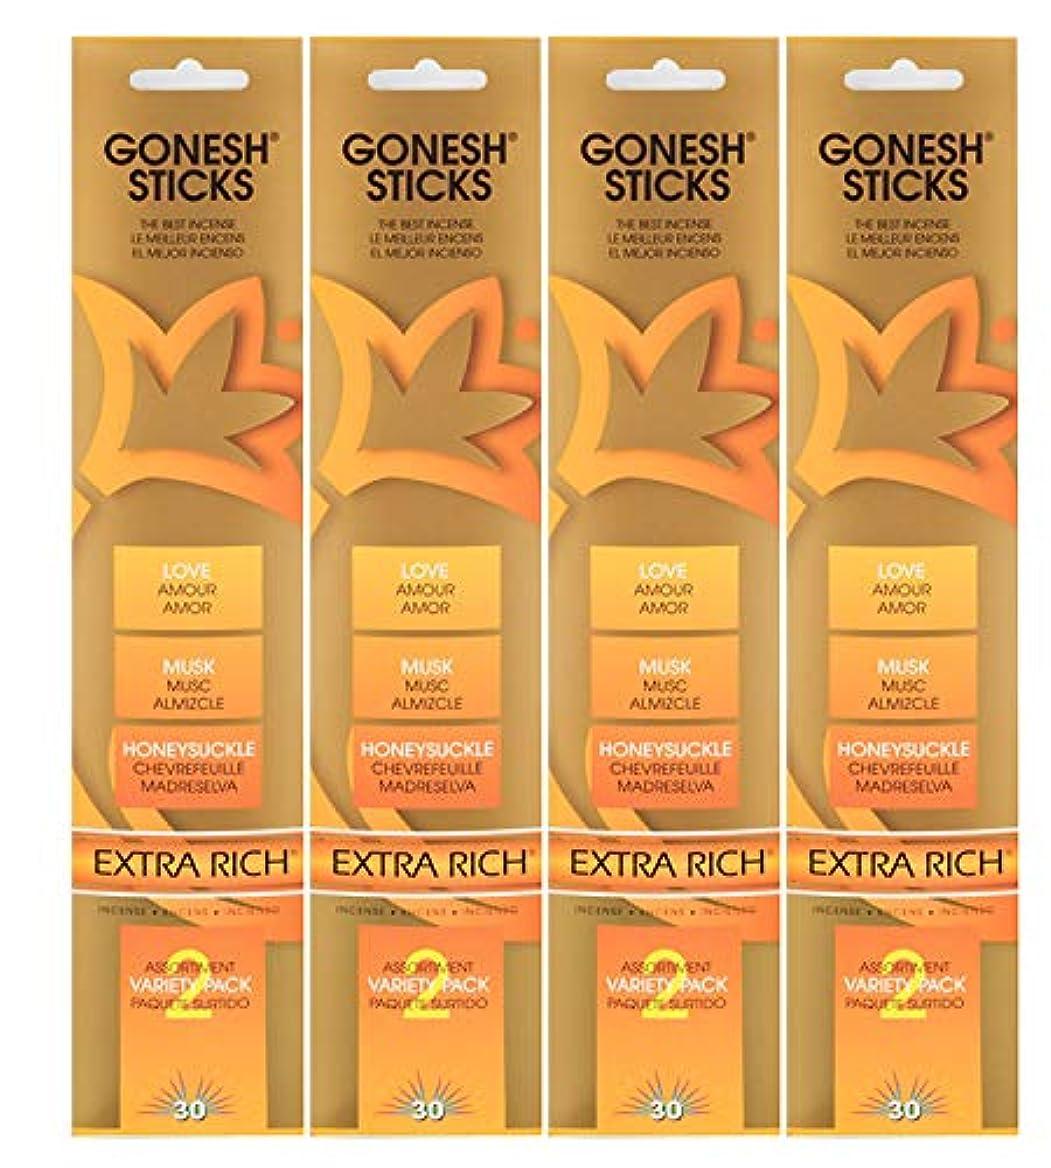 解読する夜ラケットGonesh Incense Sticks – Extra Rich Variety Pack # 2 (愛、ムスク、スイカズラ) Lot of 4